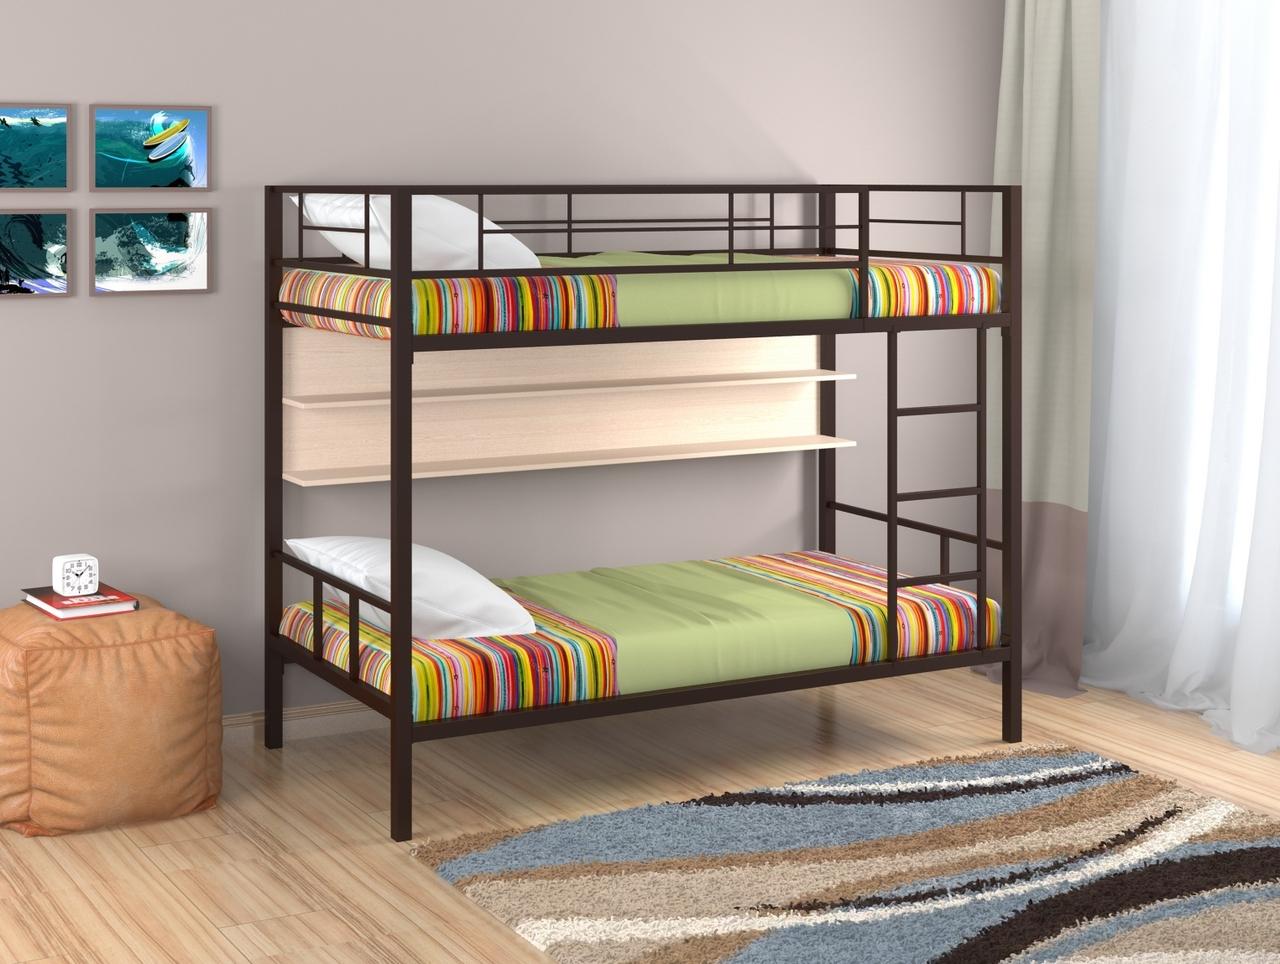 Двухъярусная кровать Redford Севилья 2 с полкой